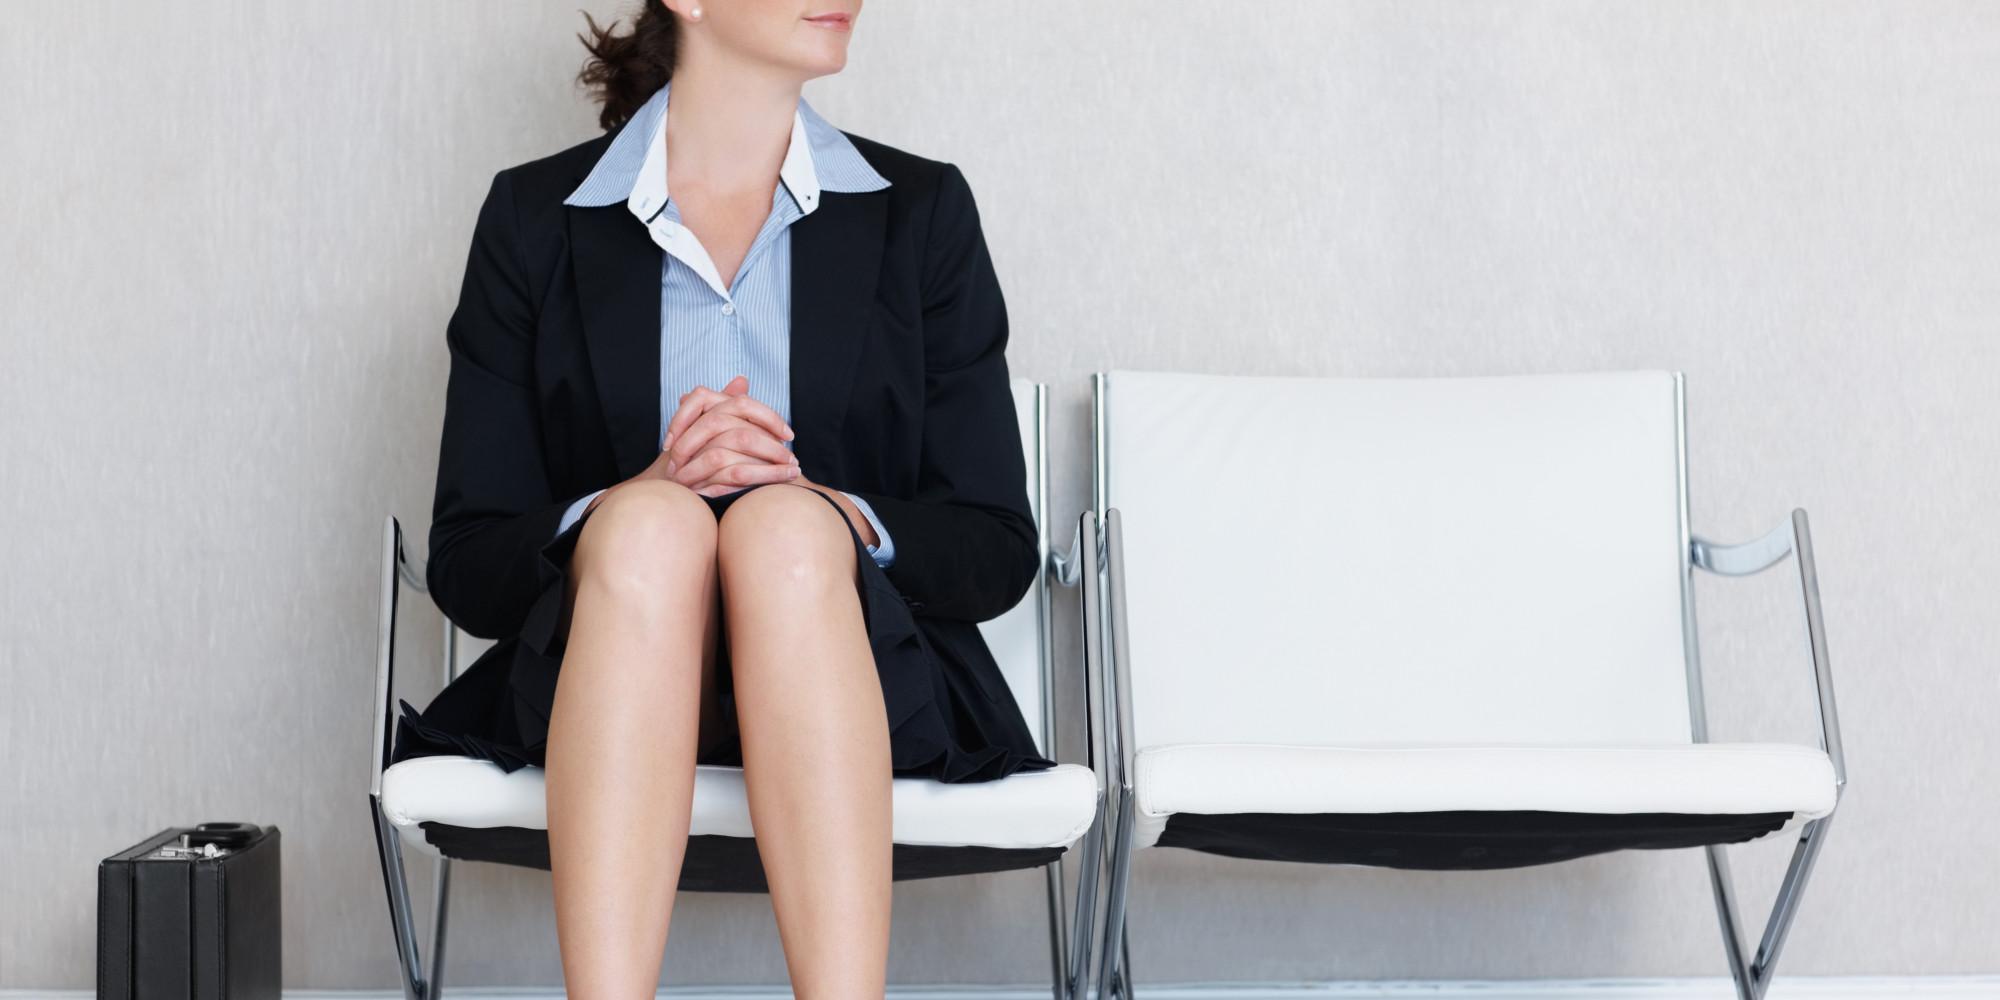 Comment s habiller pour un entretien d embauche